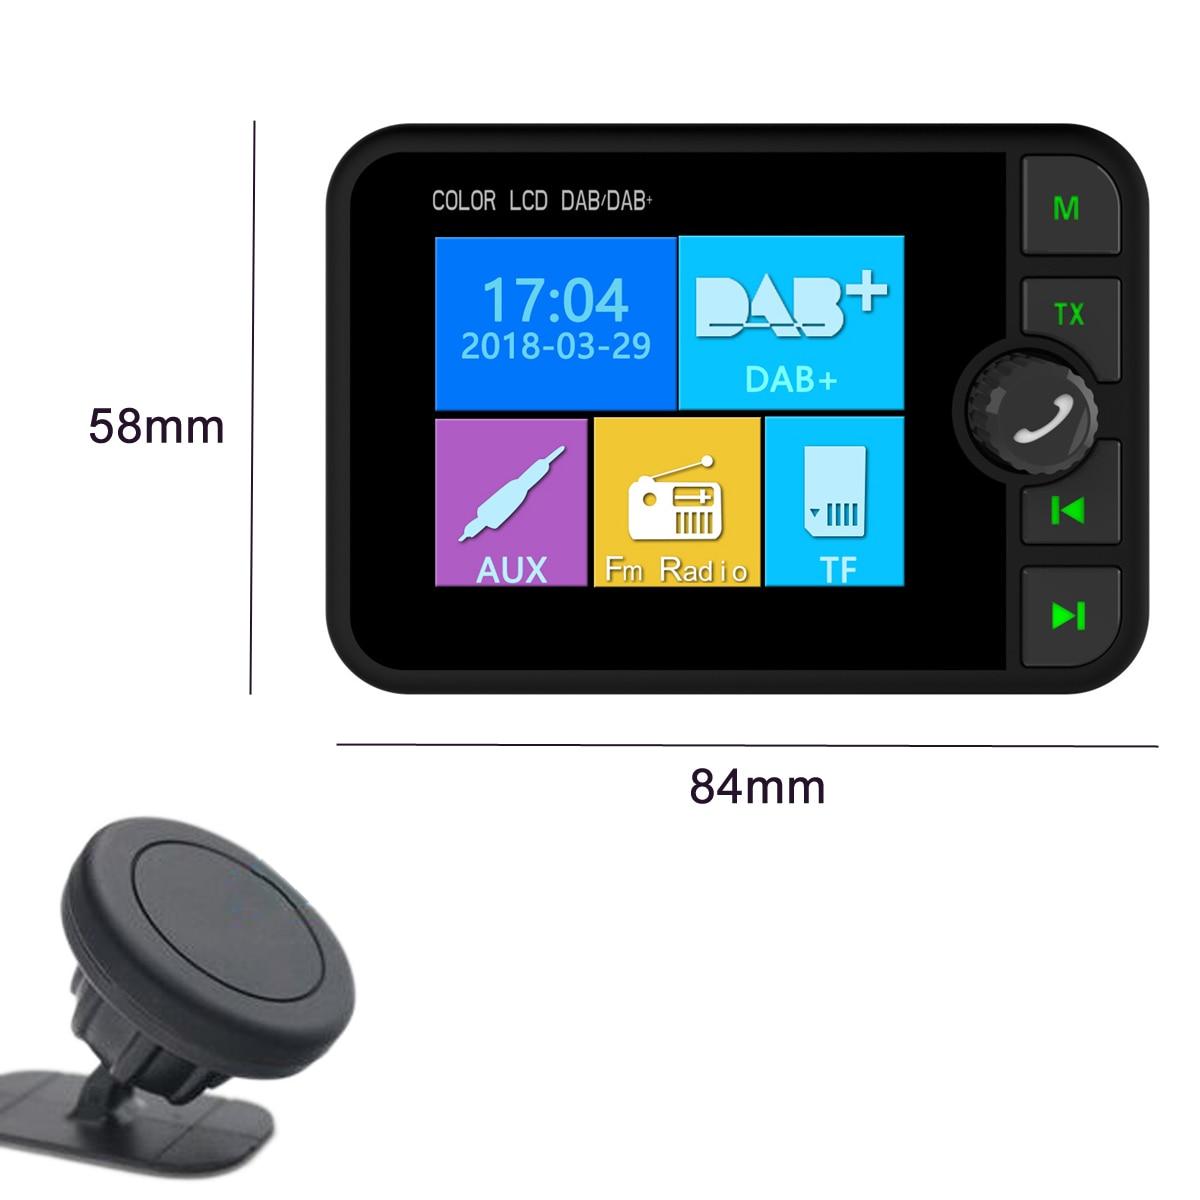 Lecteur de voiture MP3 DAB/DAB + récepteur voiture stéréo universel voiture DAB Radio couleur écran bluetooth FM/AUX avec étiquettes aimantées